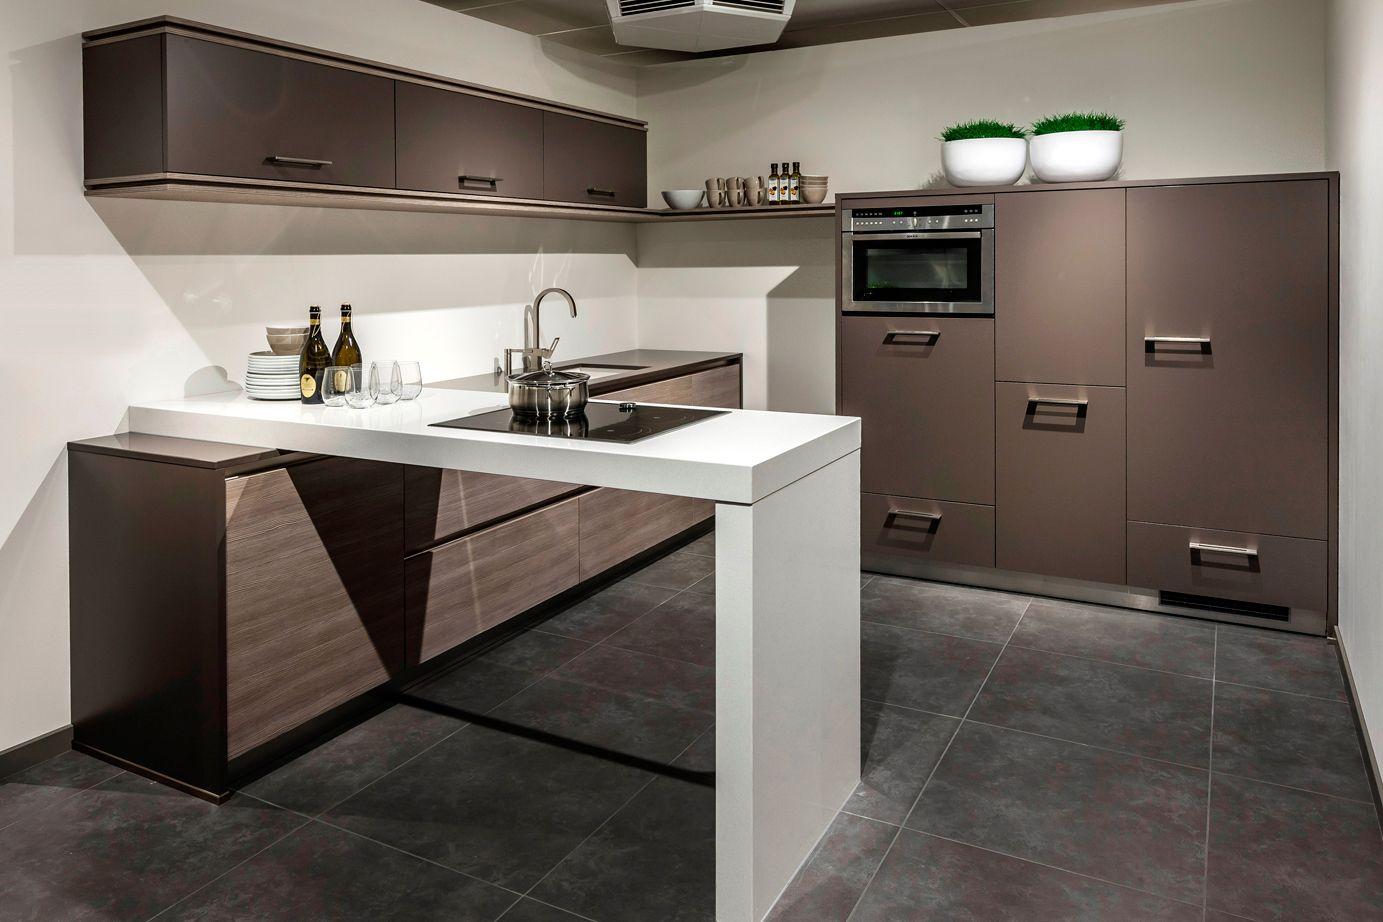 Moderne Keuken Pinterest : Moderne keuken - dbkeukens Keuken Pinterest